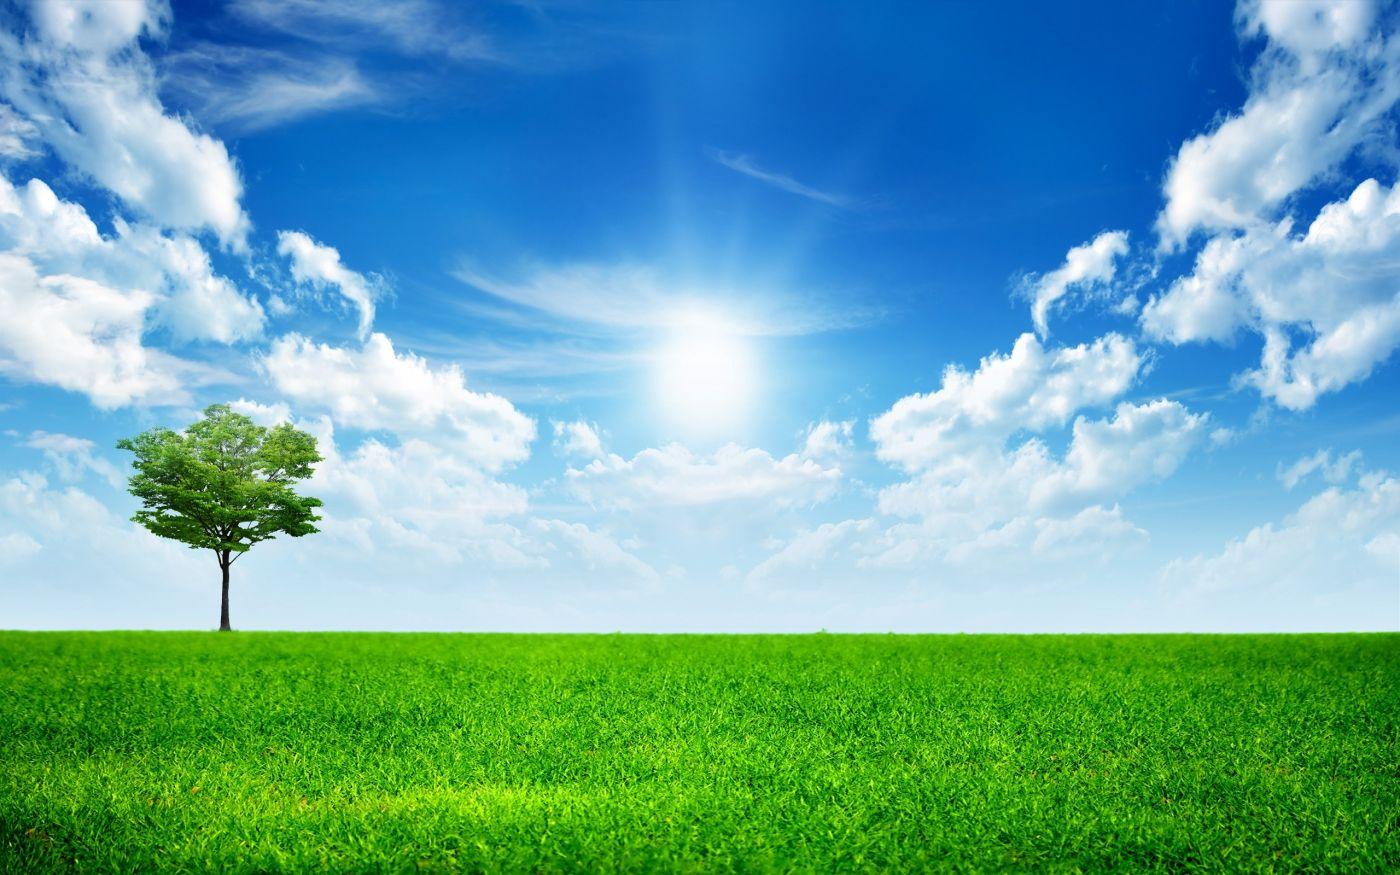 高清晰hd绿色大自然美景壁纸 手机移动版